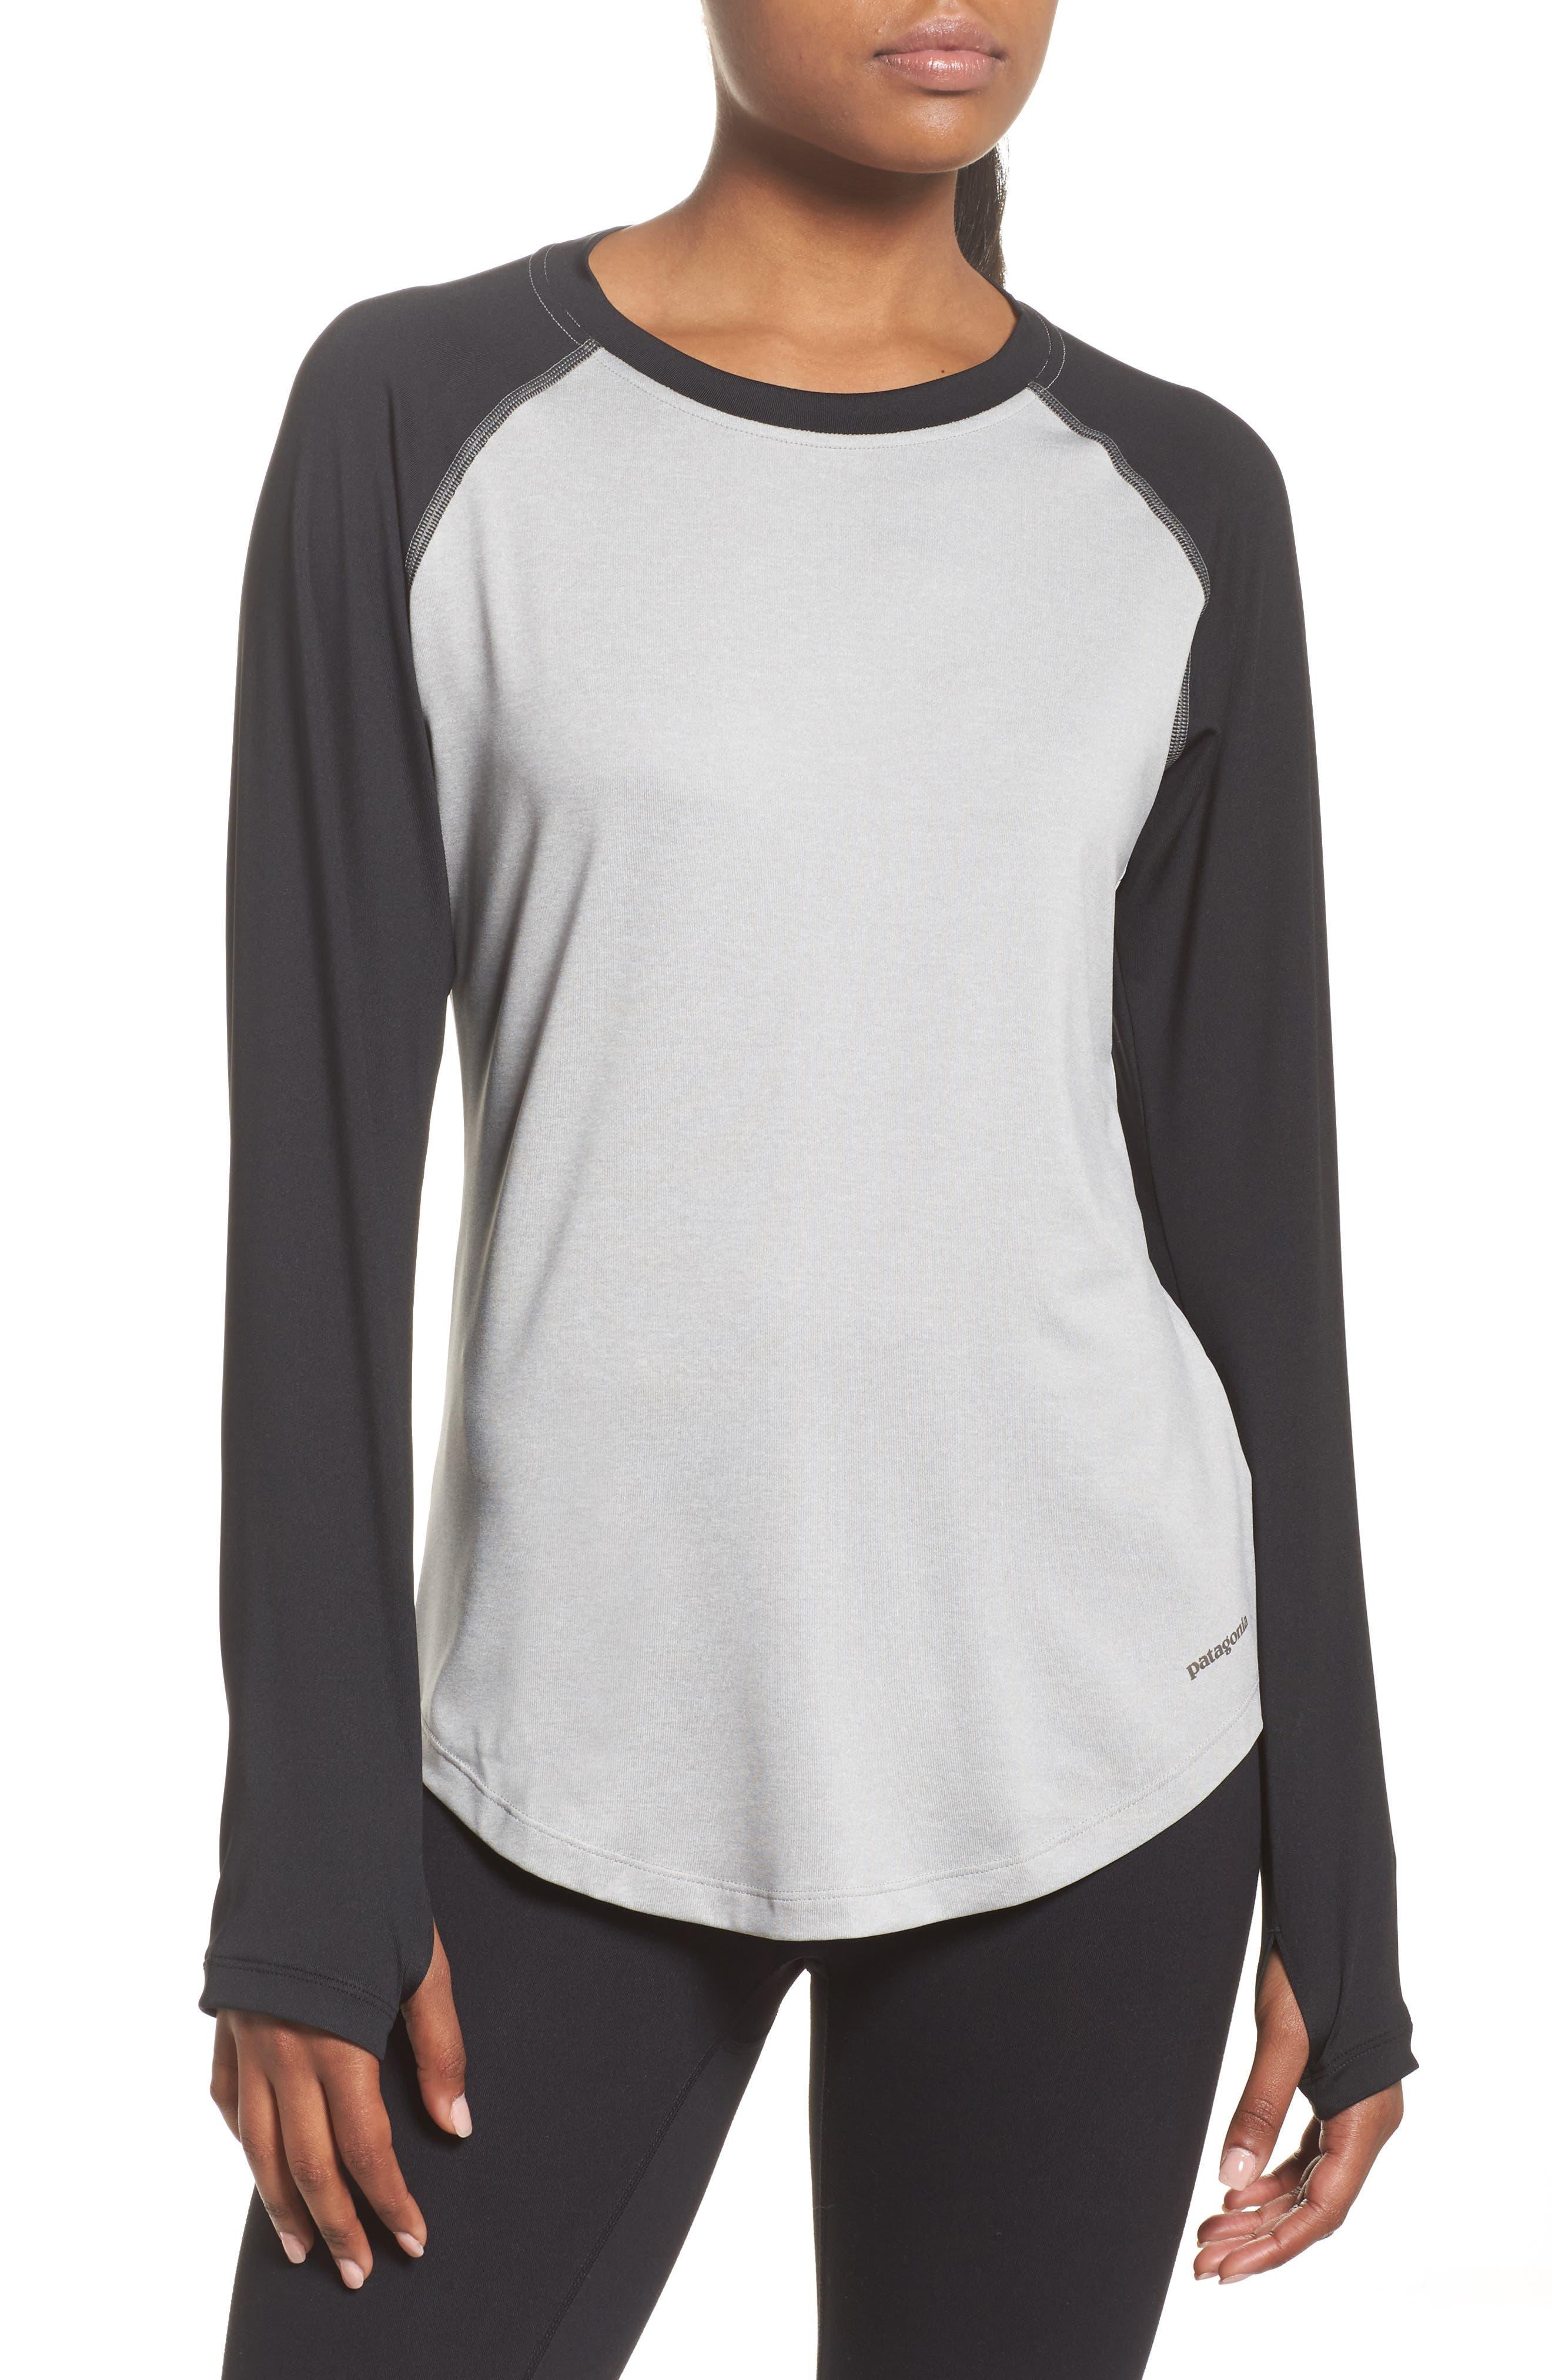 Tropic Comfort Shirt,                         Main,                         color, 021